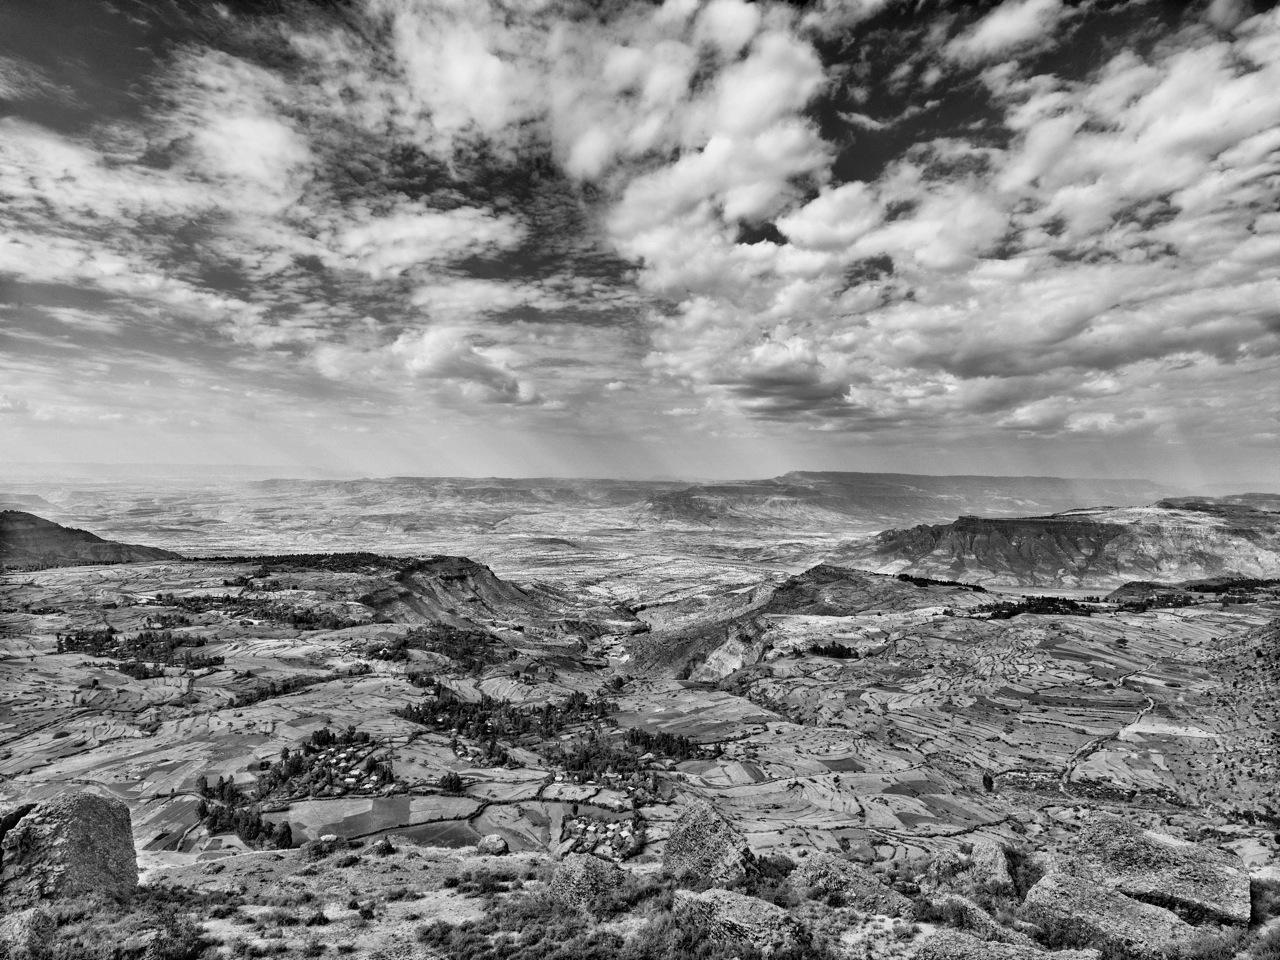 Etiopía, cuenca del Nilo